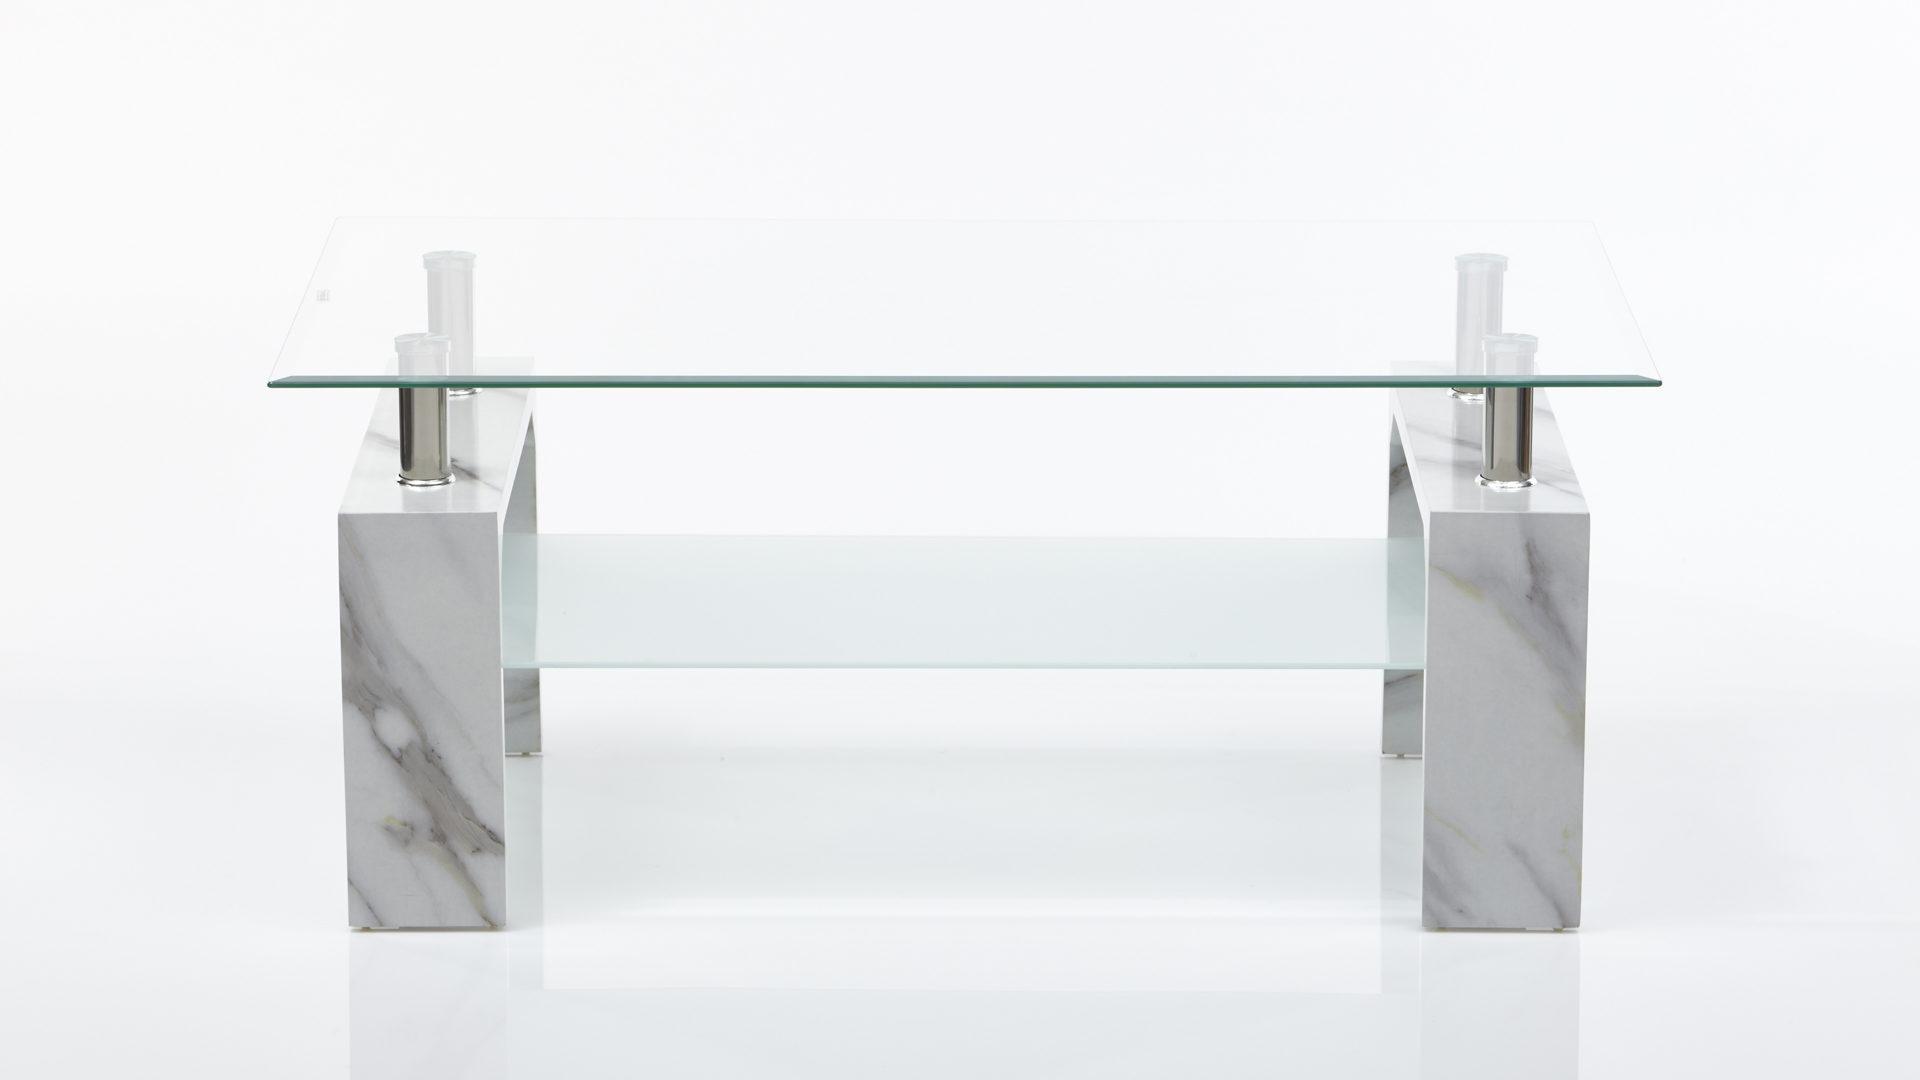 Couchtisch im Marmorlook - Wohnzimmertisch, carrarafarbene  Kunststoffoberflächen & Glas – ca. 100 x 45 x 60 cm